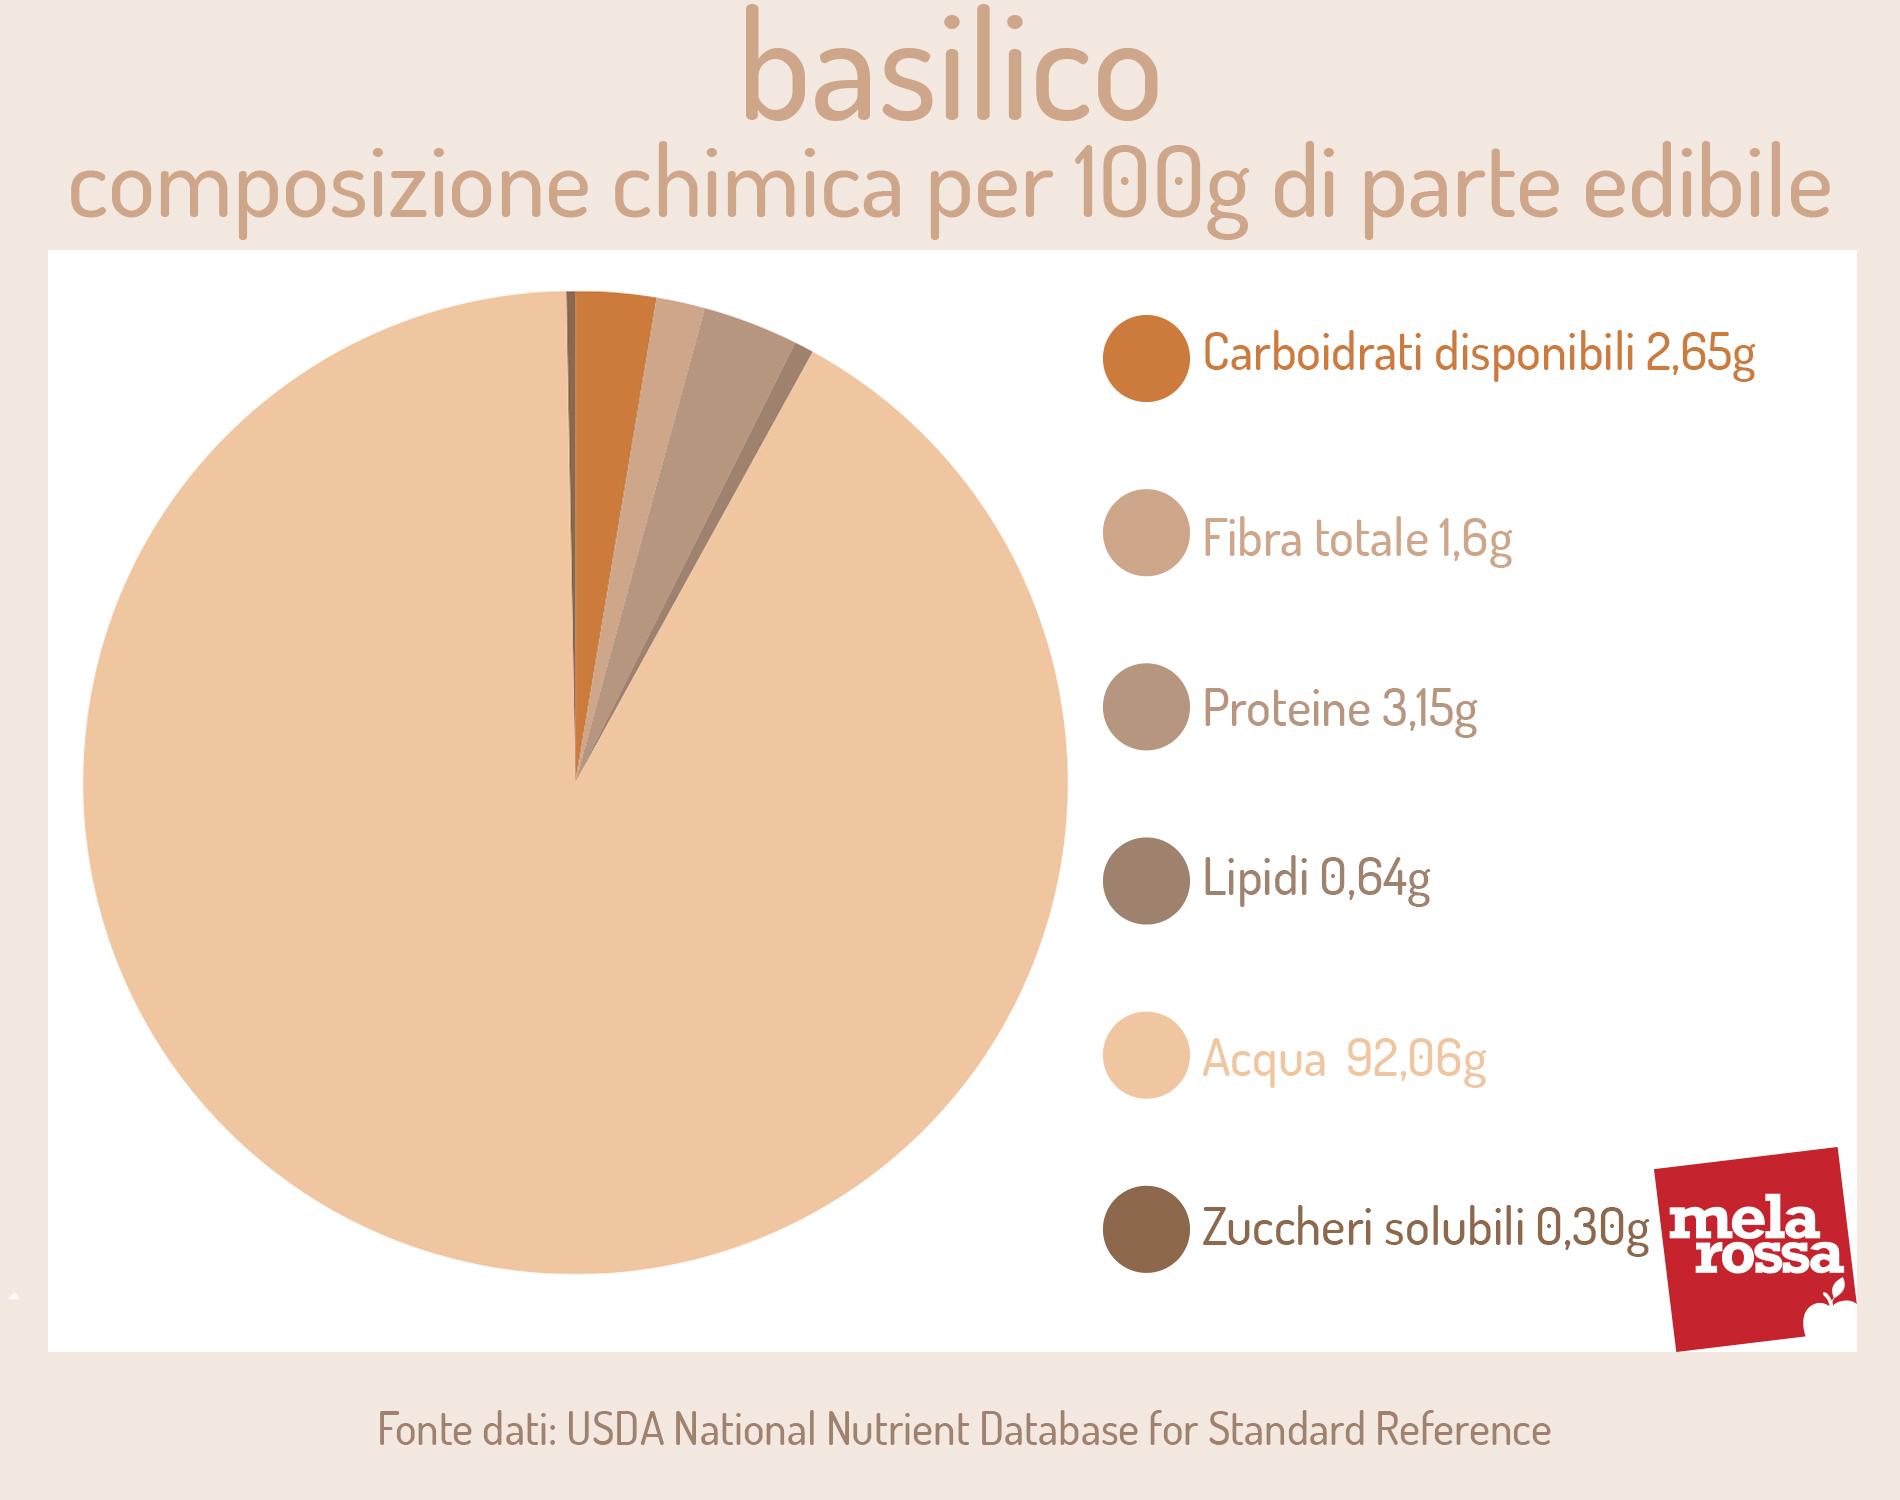 Basilico: coposizione chimica